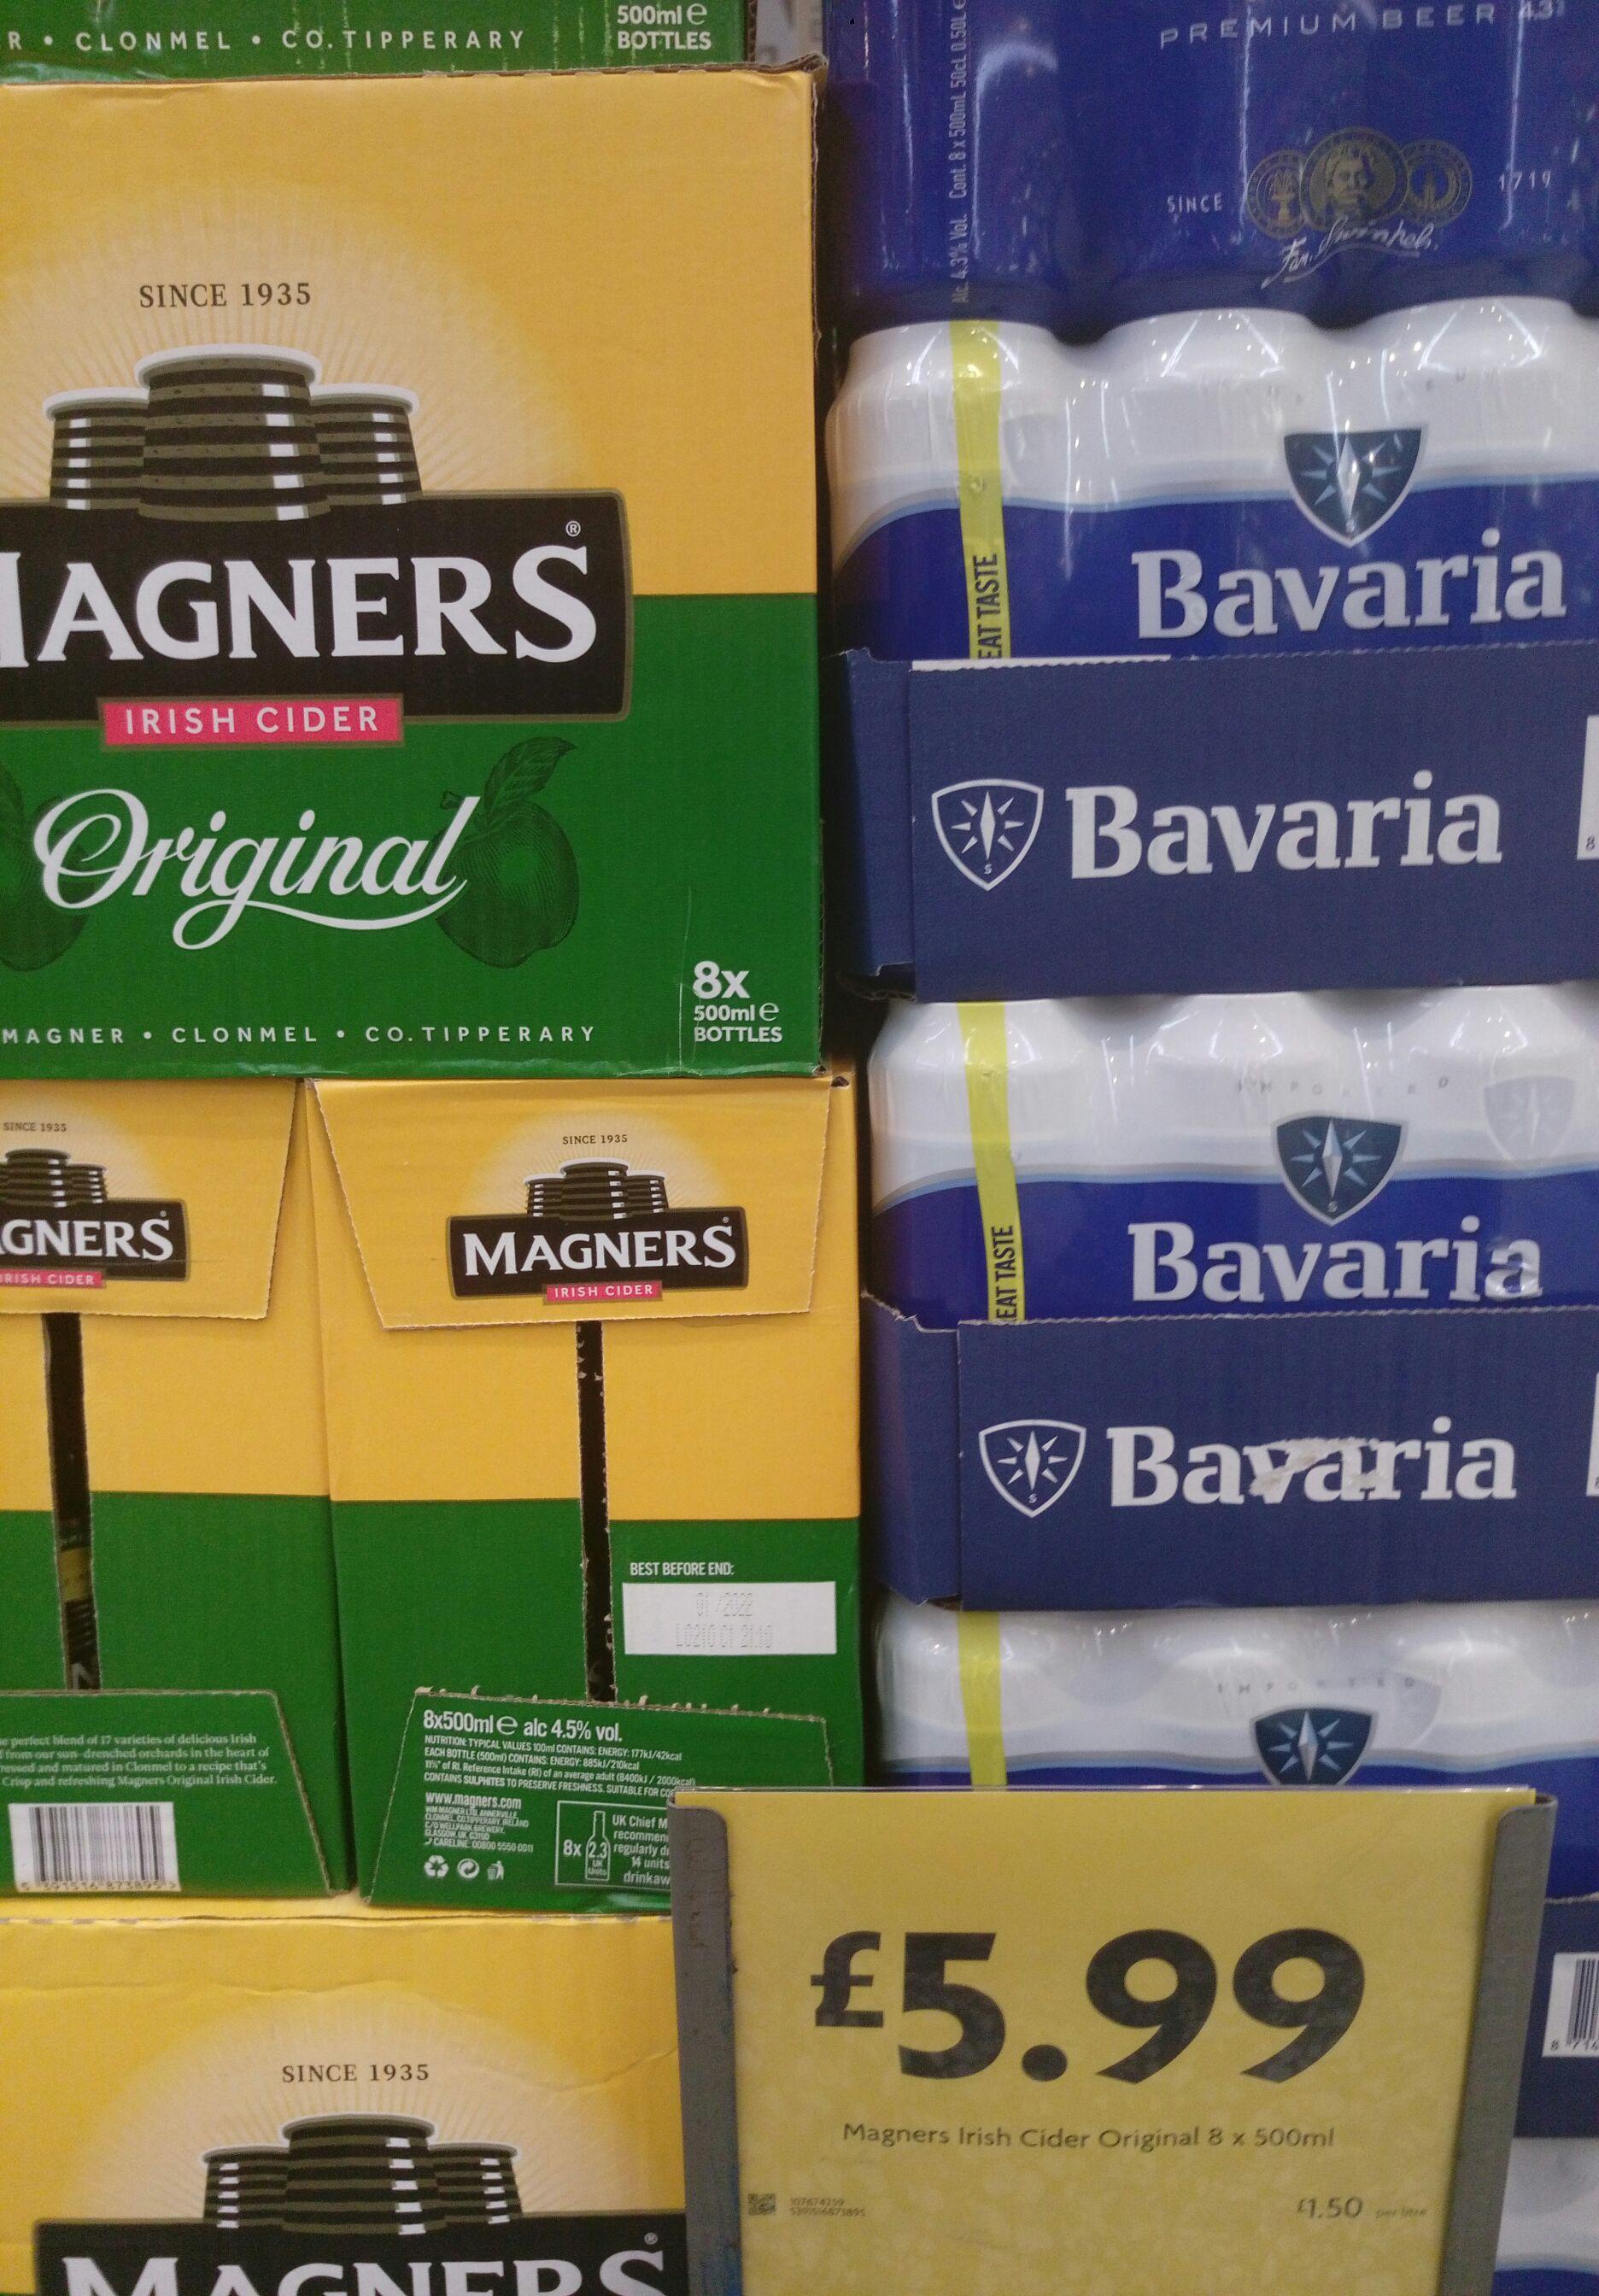 Magners 8 Bottle boxes of cider £5.99 instore @ Morrison's (Cheltenham)